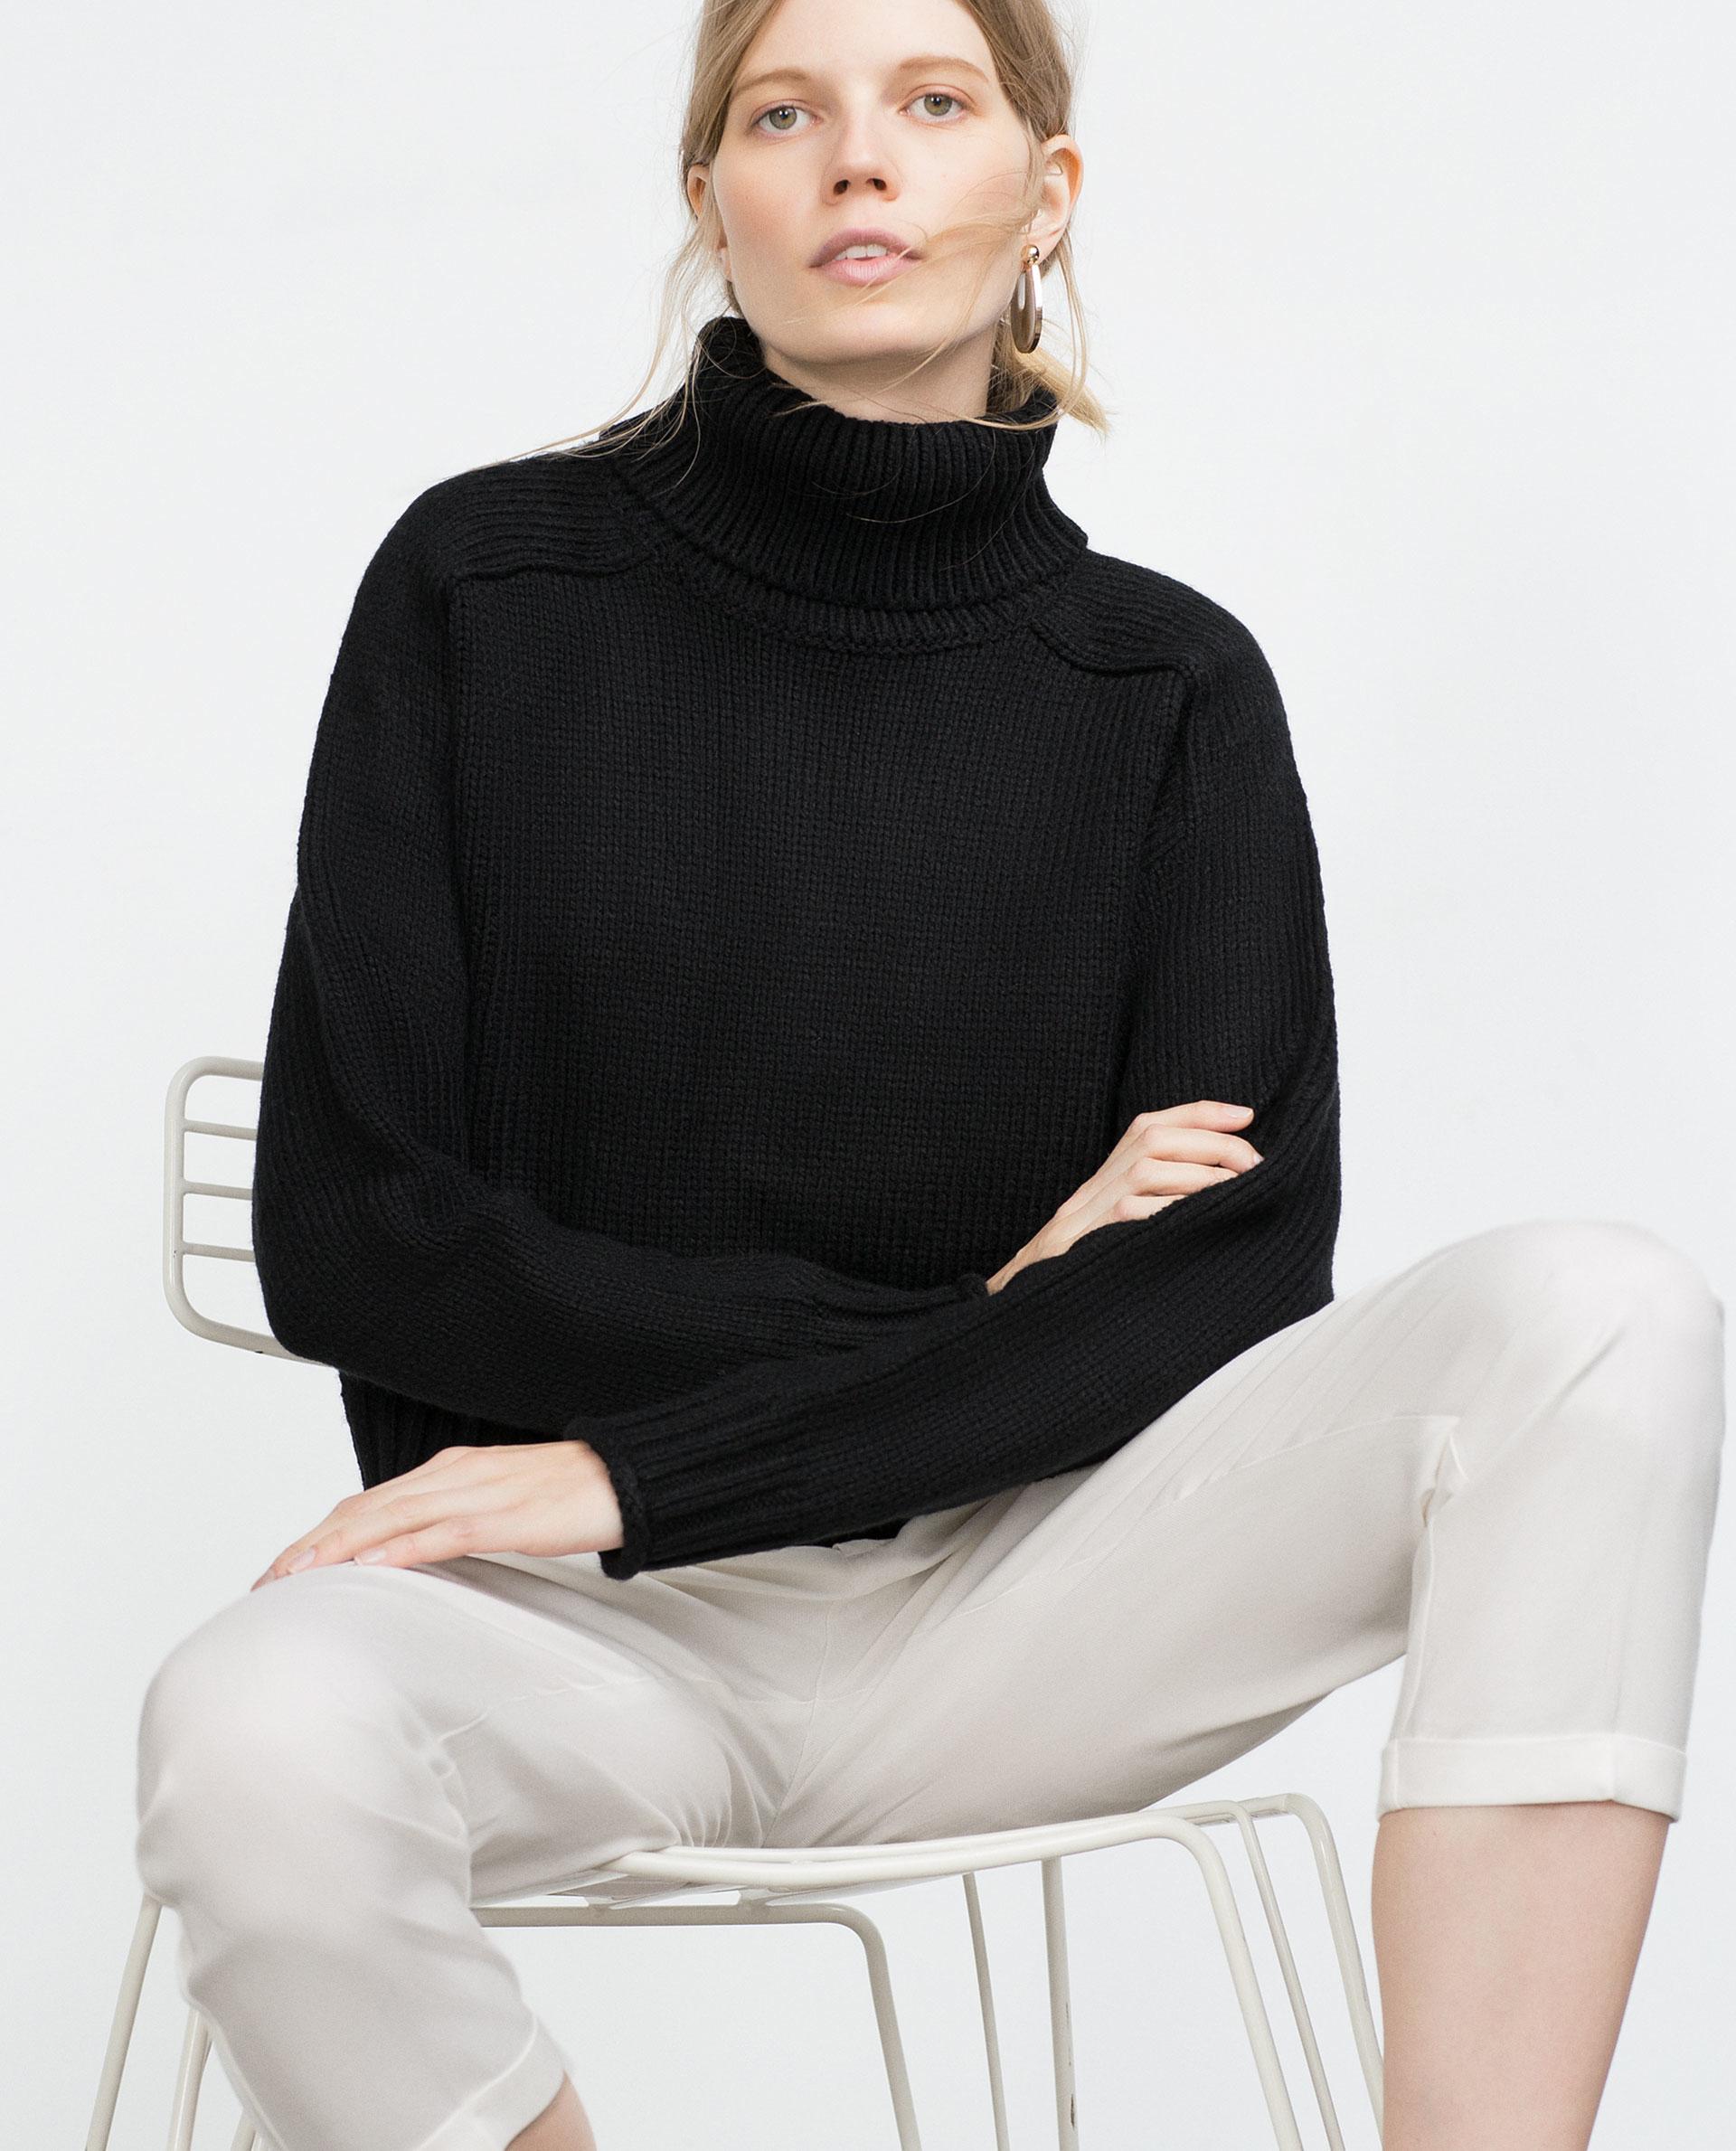 Zara Black High Neck Sweater 100